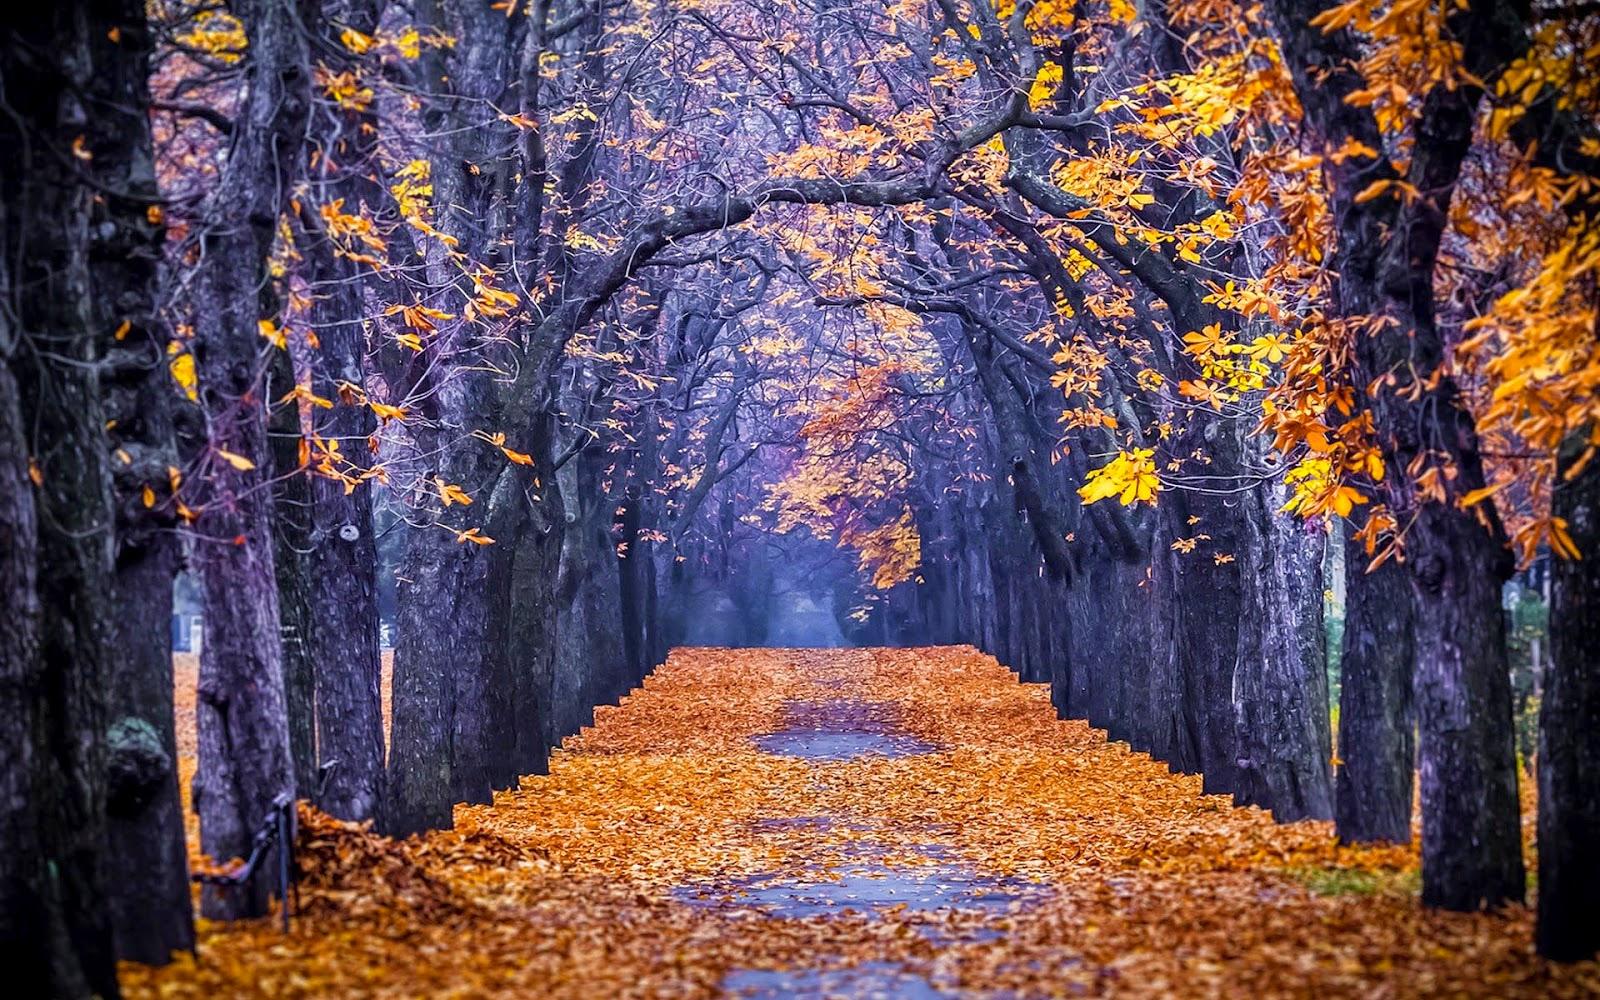 Grote bomen langs de weg met veel gele herfstbladeren op de grond